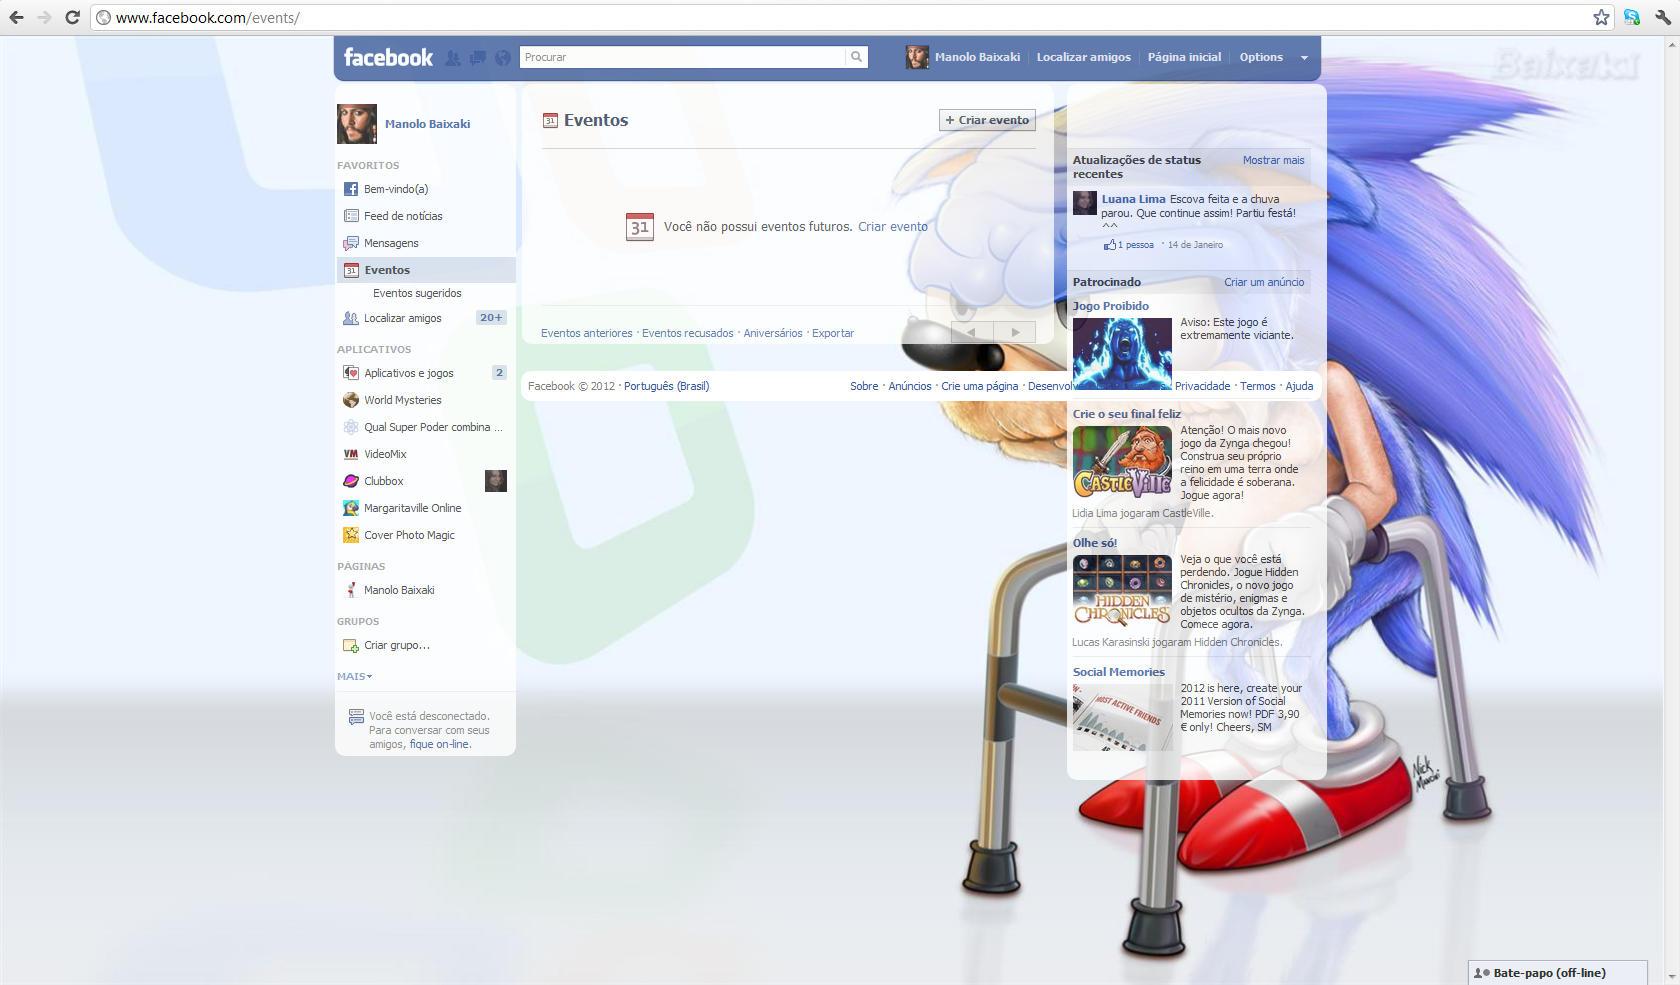 Novo plano de fundo na página do Facebook